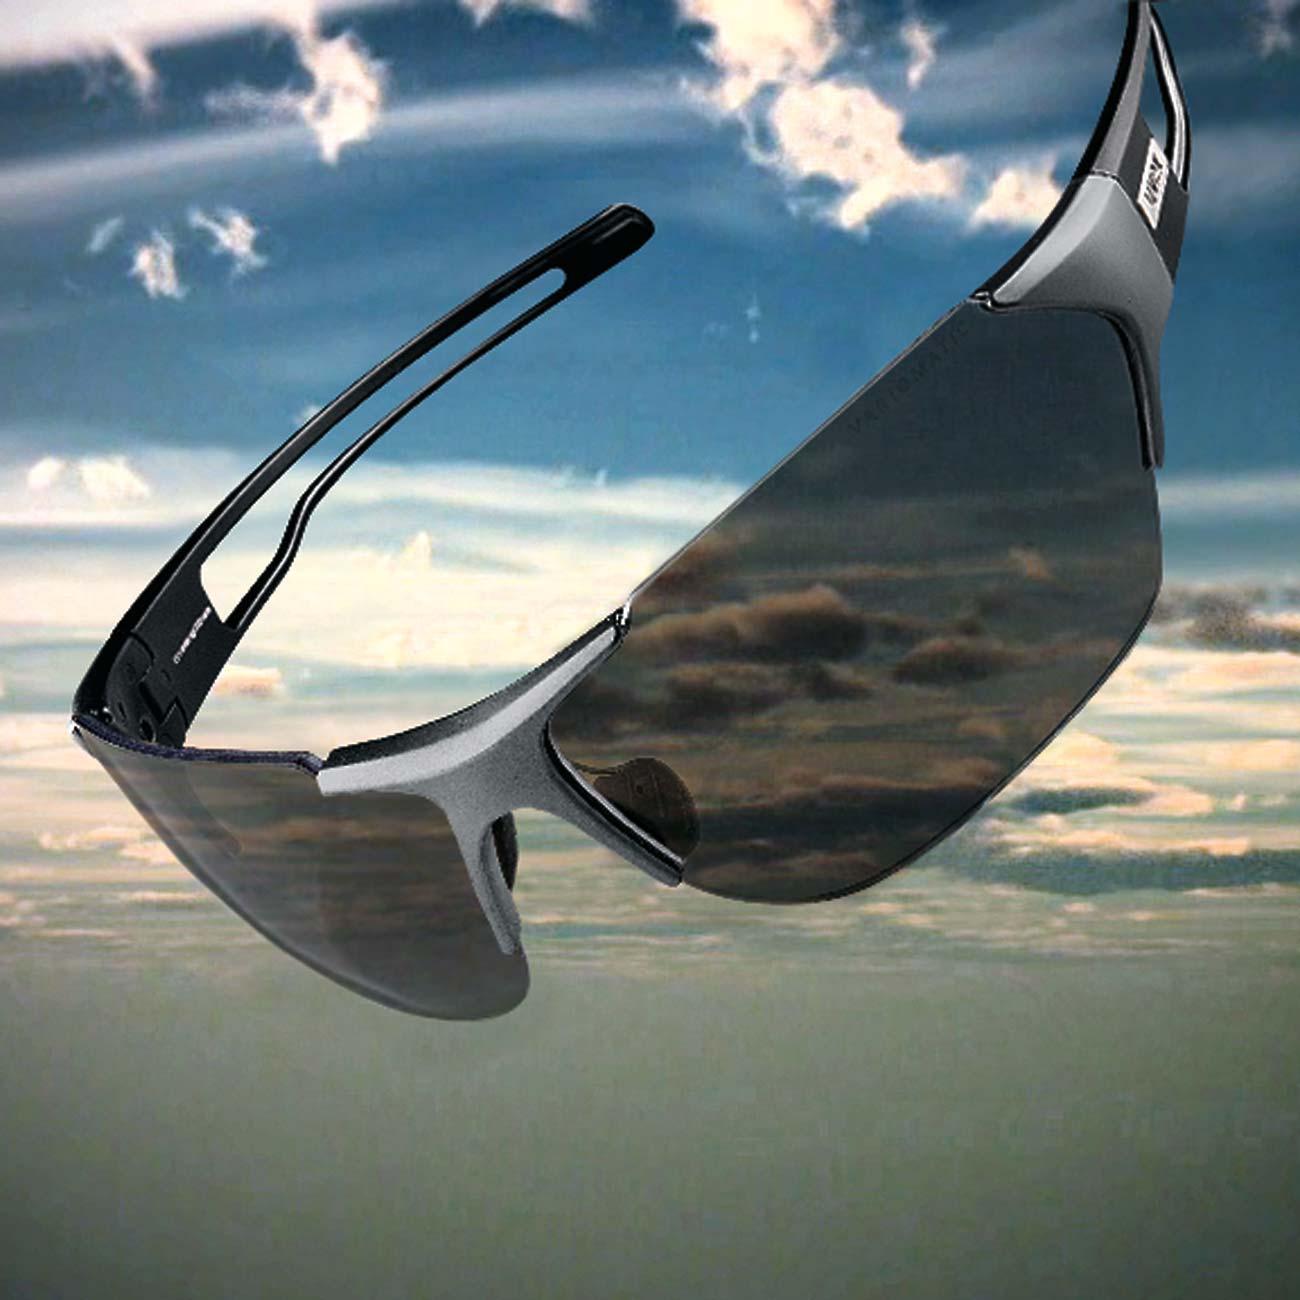 Details zu bwin gutschein & freebet-code auch für bestandskunden! Uvex SGL 215 - Radbrille / Sportbrille / Bikebrille